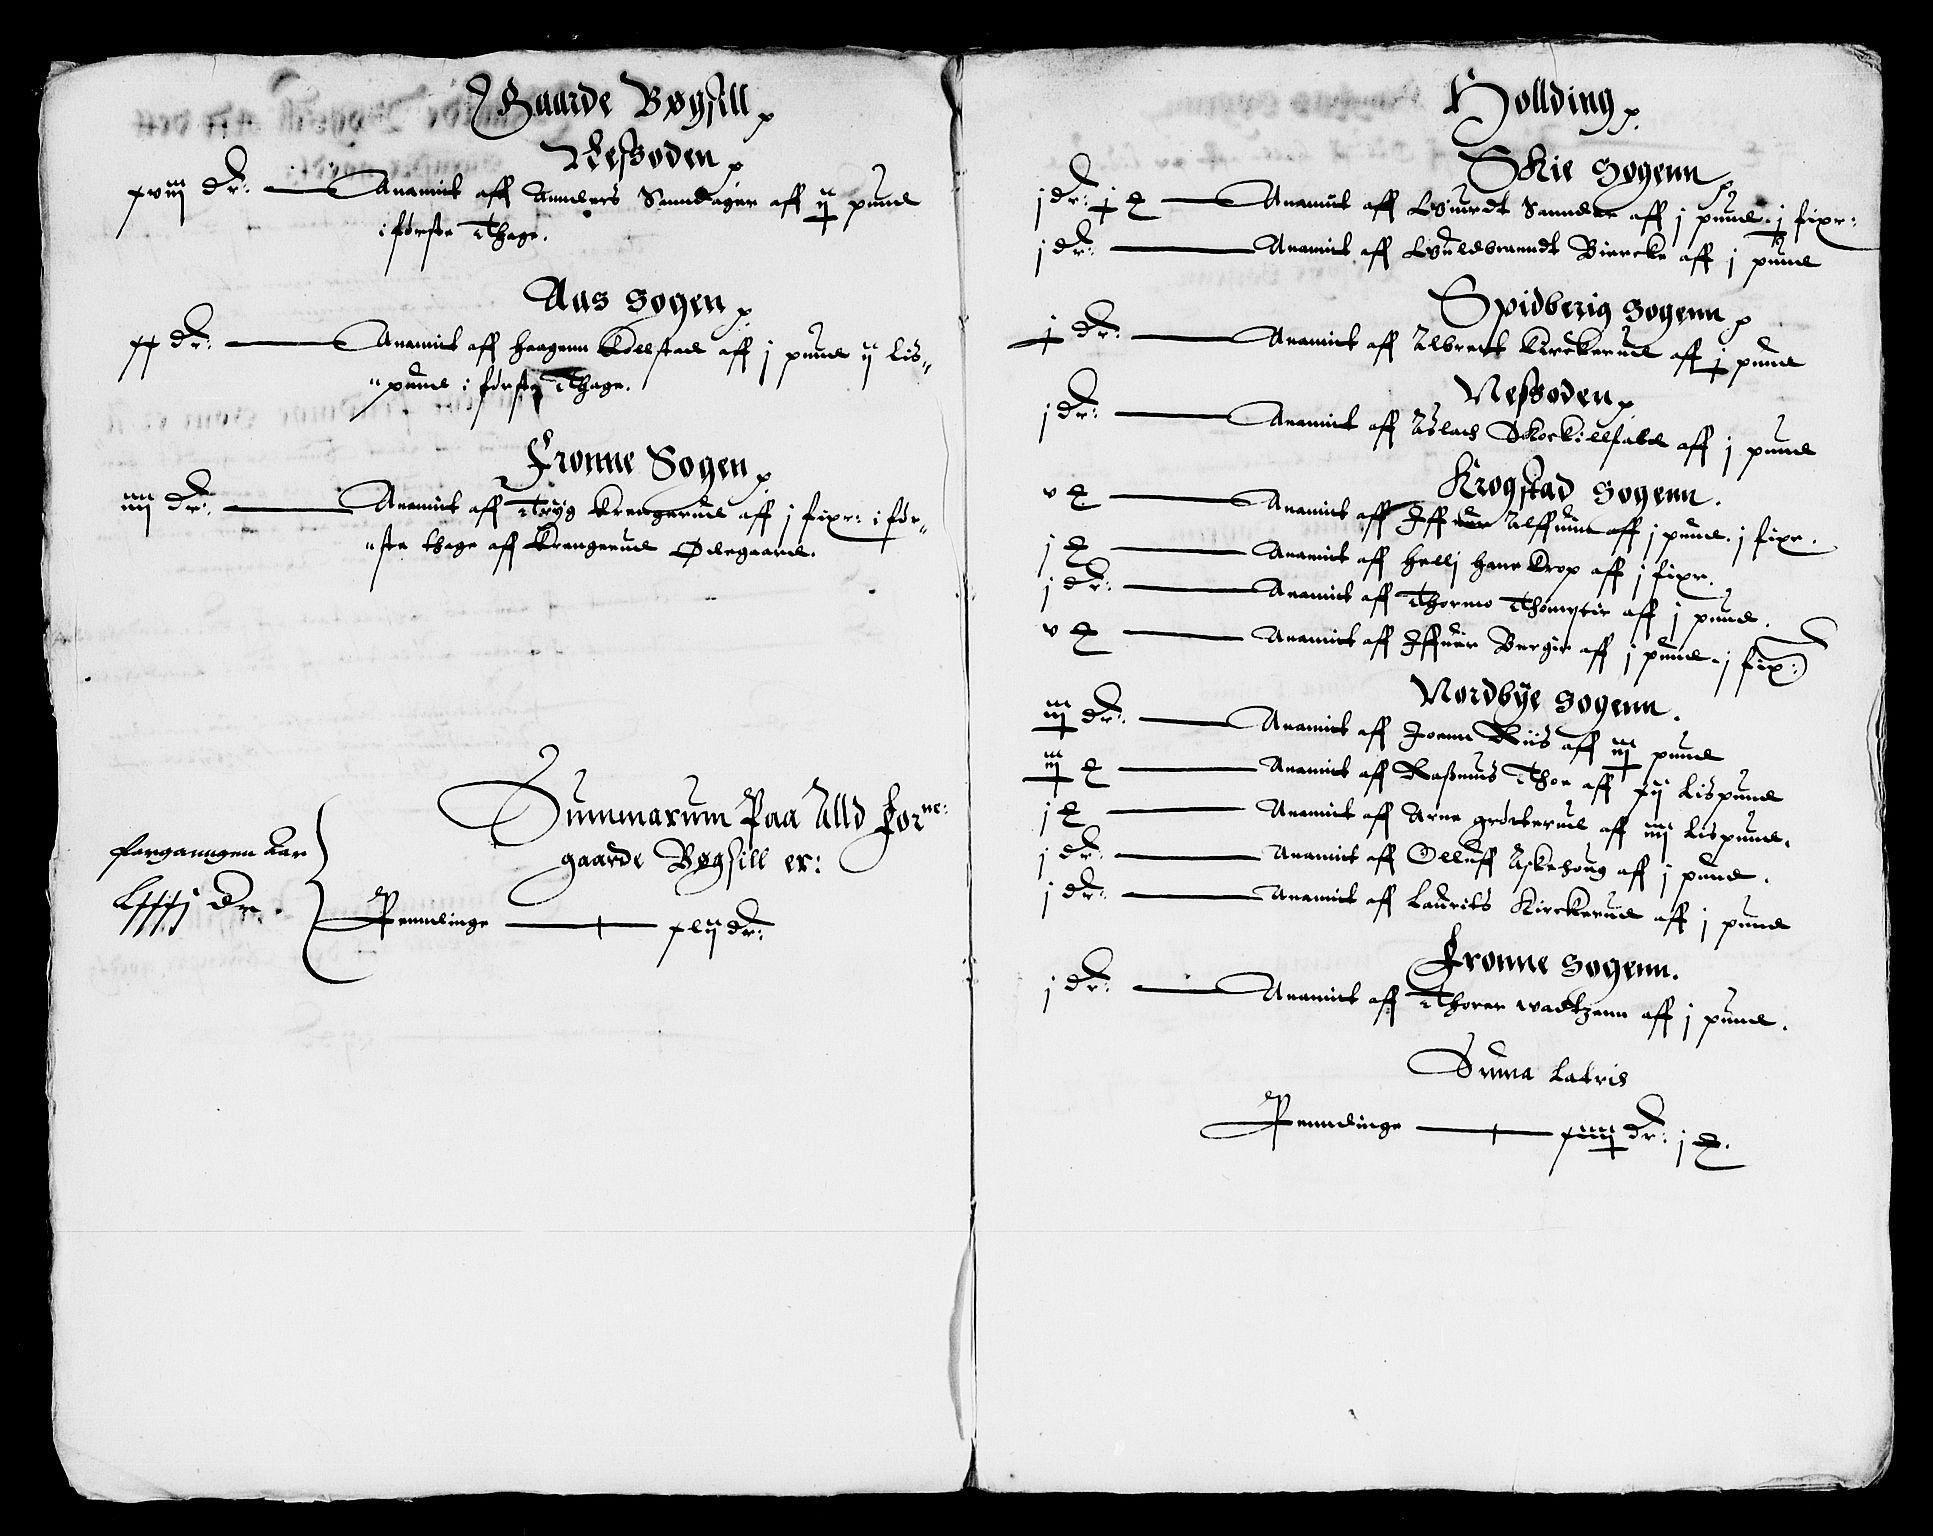 RA, Rentekammeret inntil 1814, Reviderte regnskaper, Lensregnskaper, R/Rb/Rba/L0033: Akershus len, 1613-1614